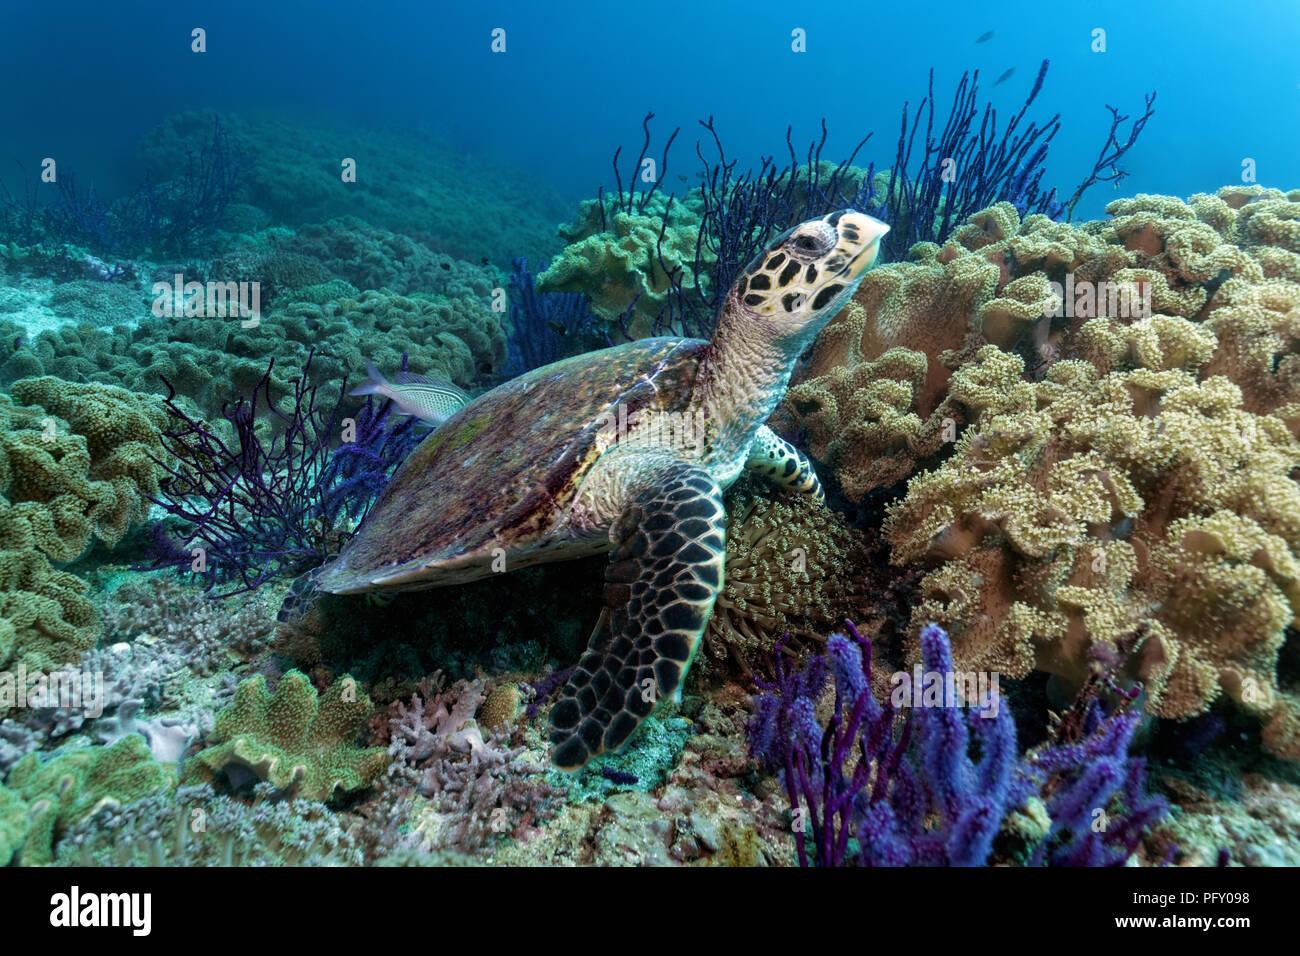 Hawksbill tartaruga di mare (Eretmochelys imbricata), nella barriera corallina tra mare rosso whip (Ellisella sp.) e coriacee coralli Foto Stock